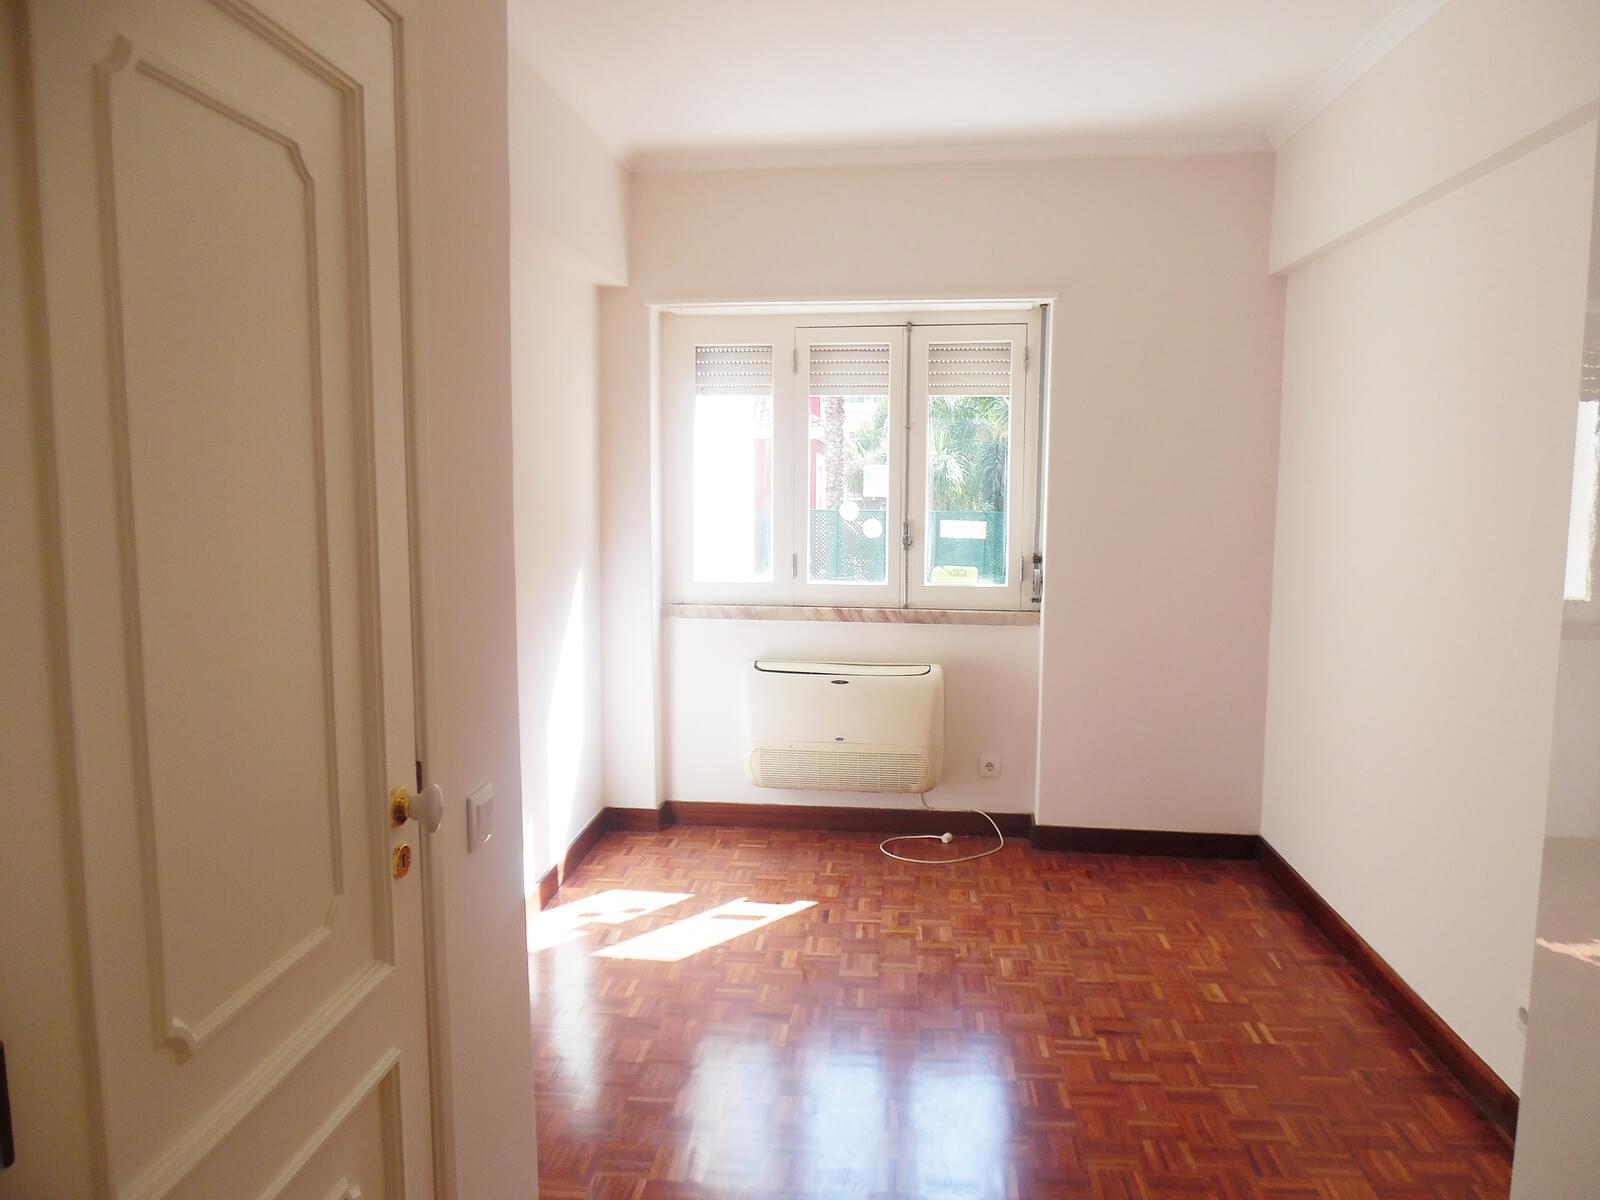 pf17621-apartamento-t4-lisboa-2c3adc3c-2176-48a1-b493-34a7d12f11b0